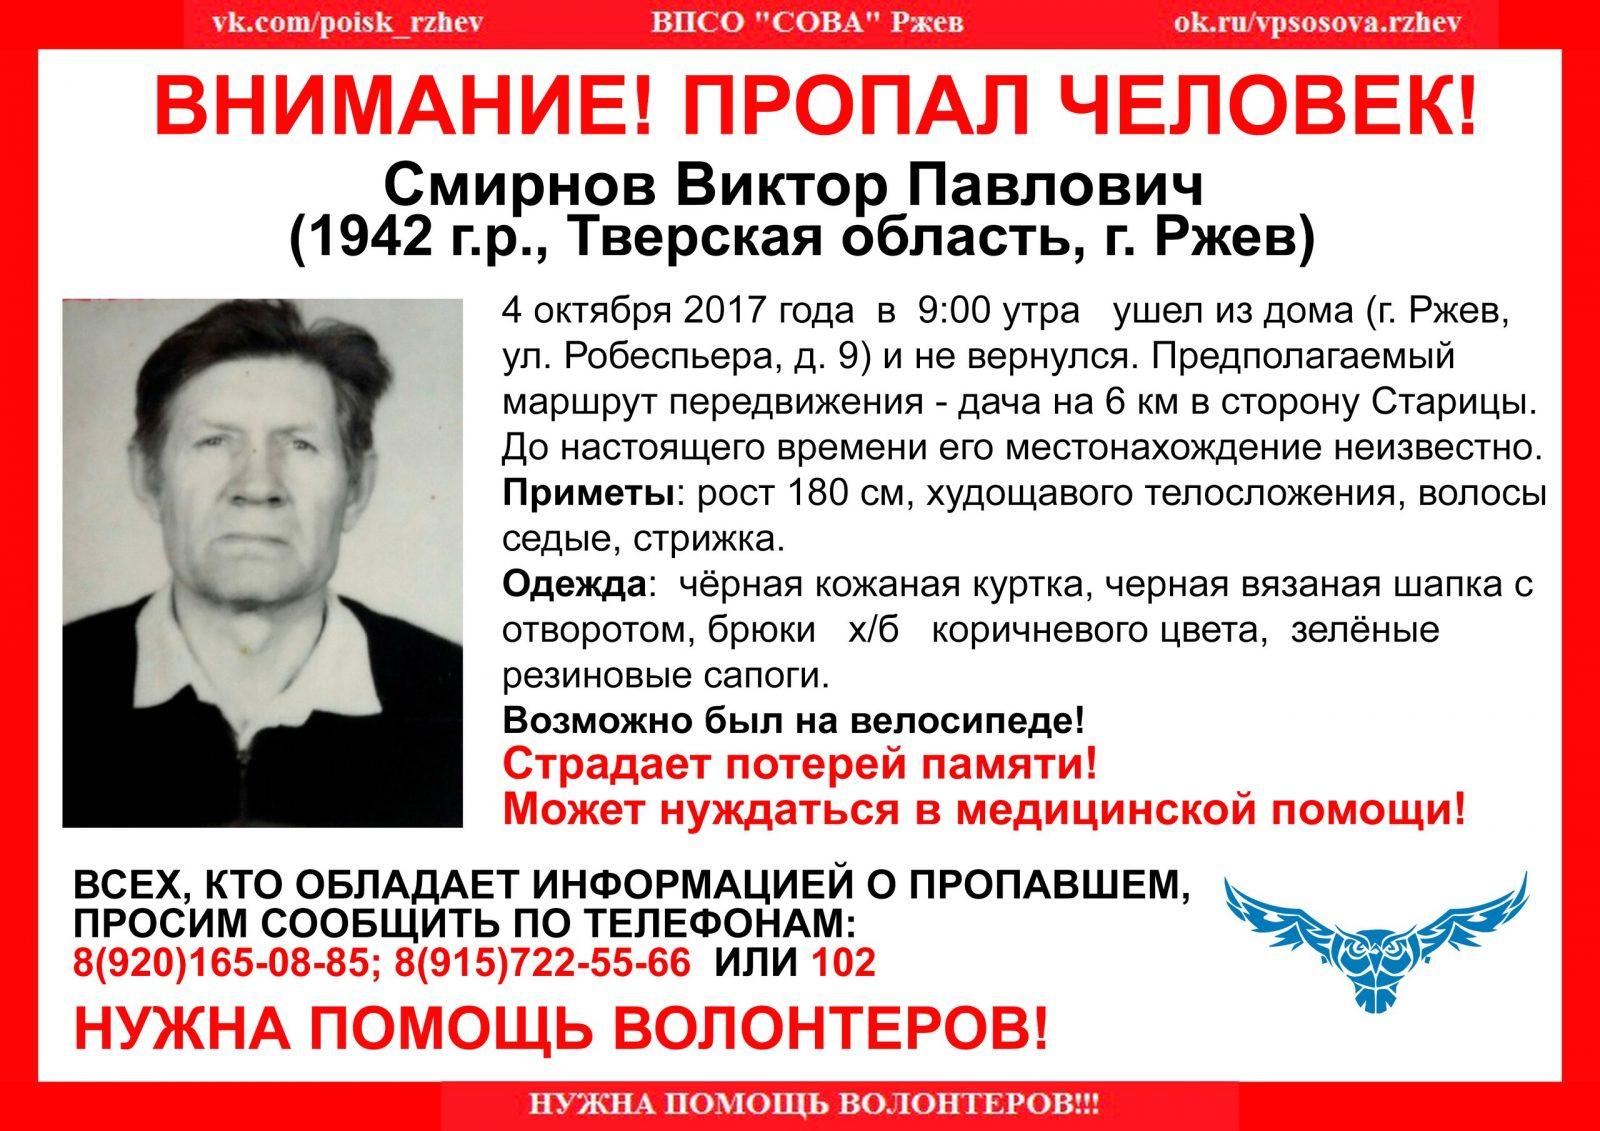 Пропал Смирнов Виктор Павлович (1942 г.р.)